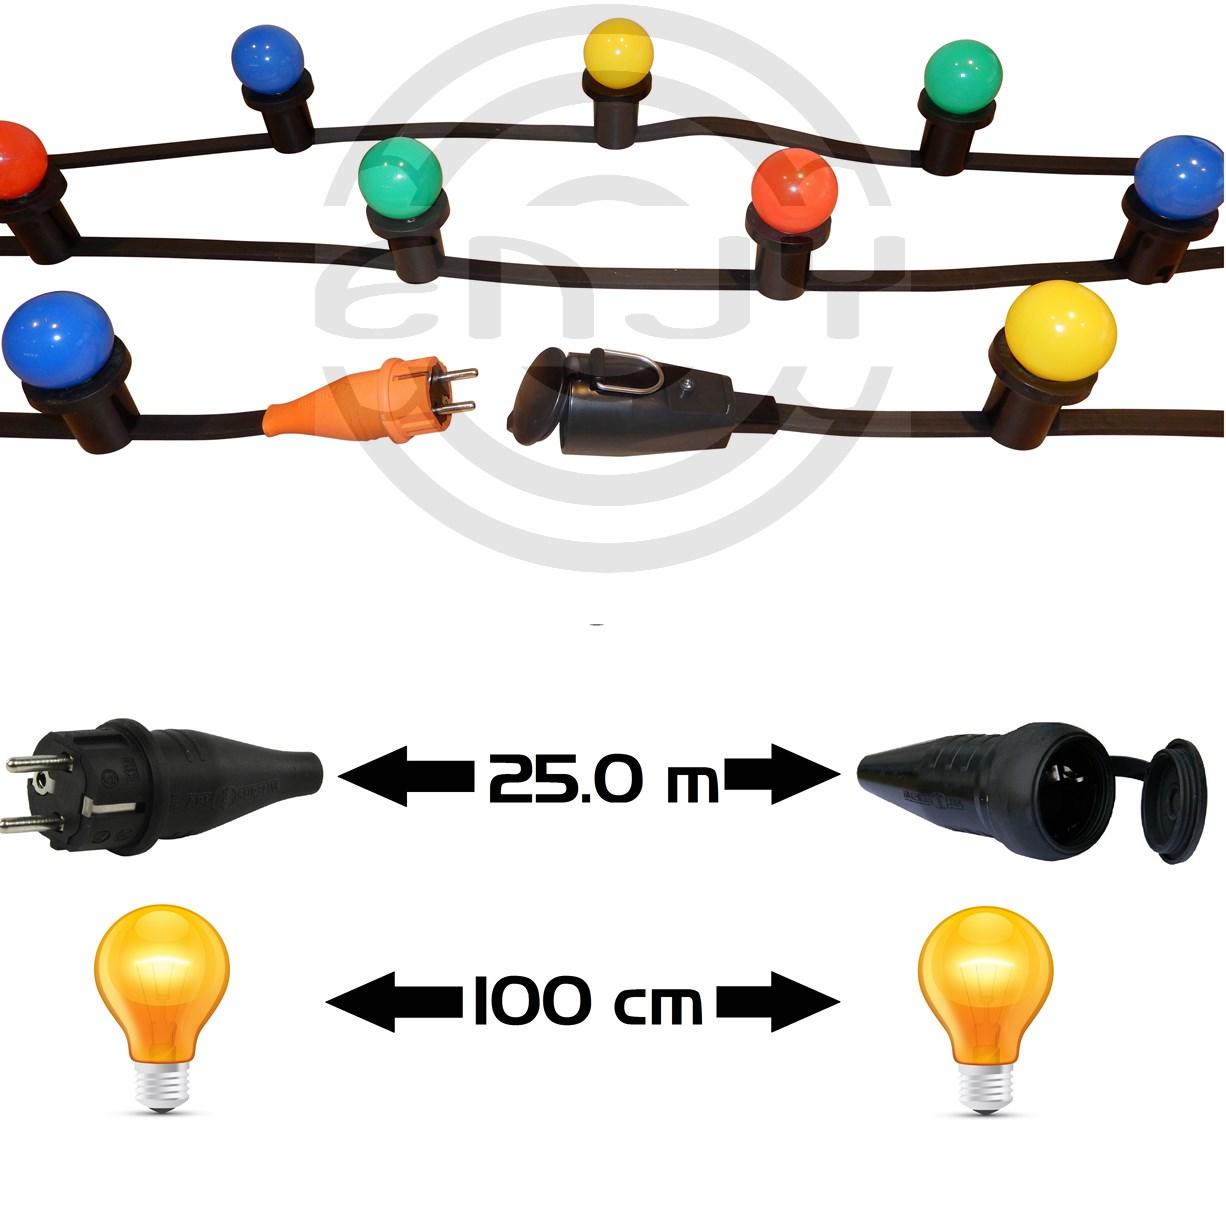 Prikkabel-25-meter-gekleurde-lampen